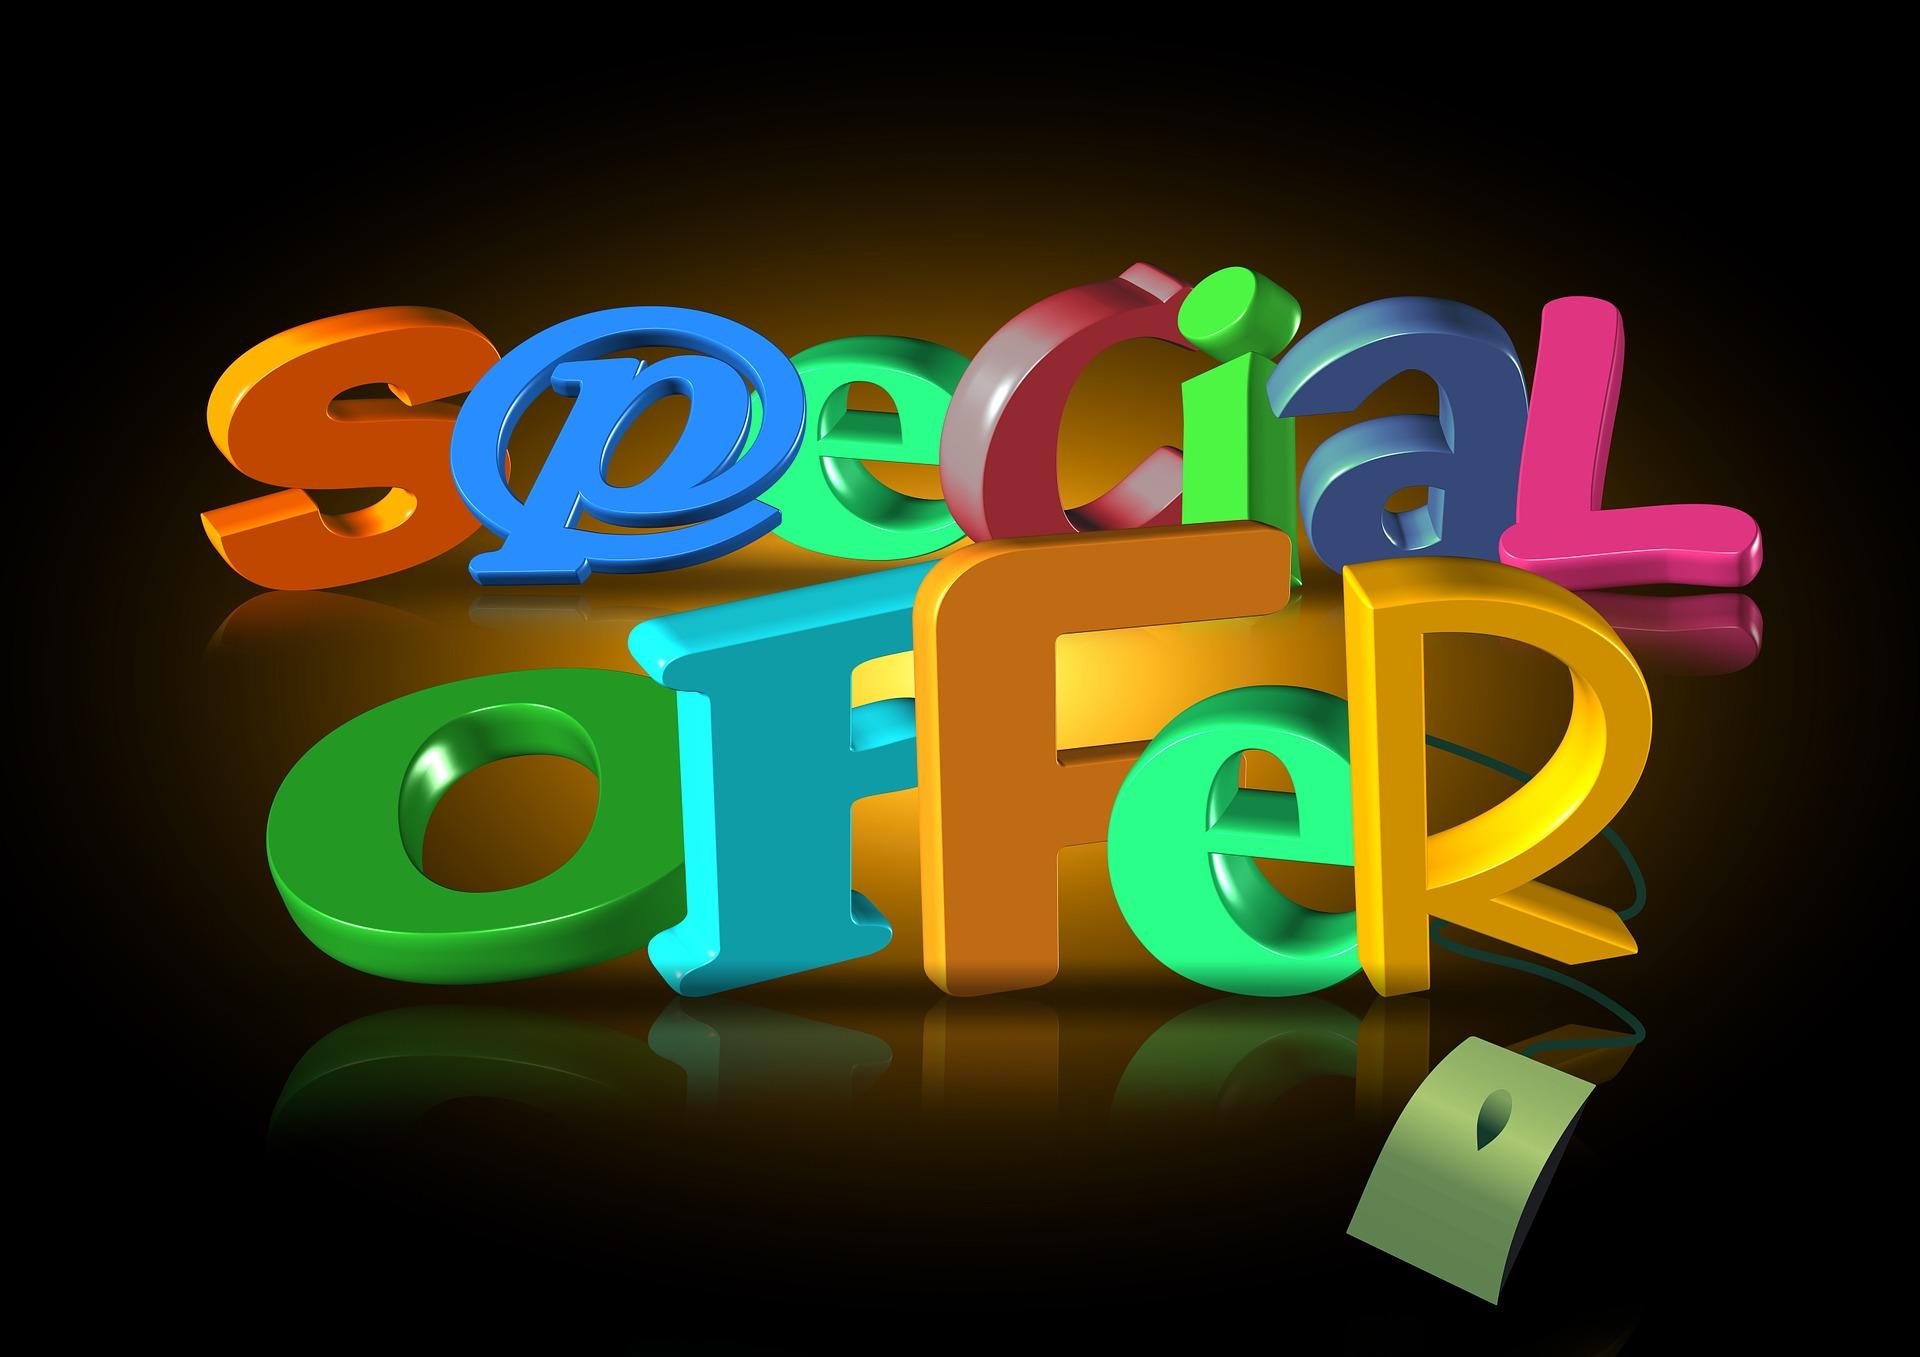 Рекламное продвижение сайтов в сети интернет, контекстная реклама, Yandex.Direct, Google.Adwords. Реклама в соцсетях.